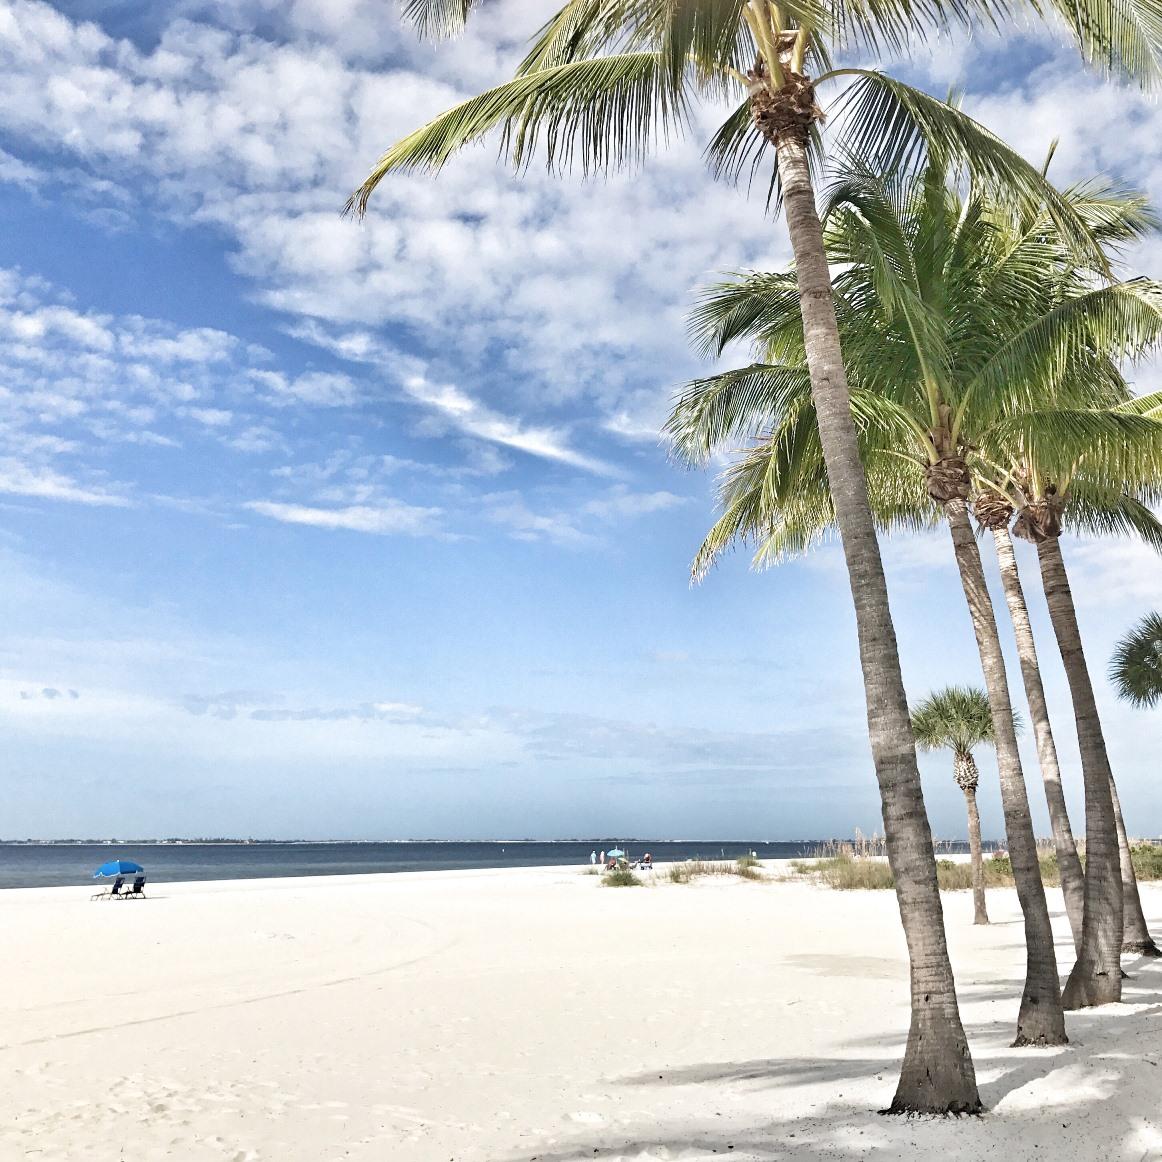 Ett foto från en av Christians senaste resor – Fort Meyers beach på Floridas västkust